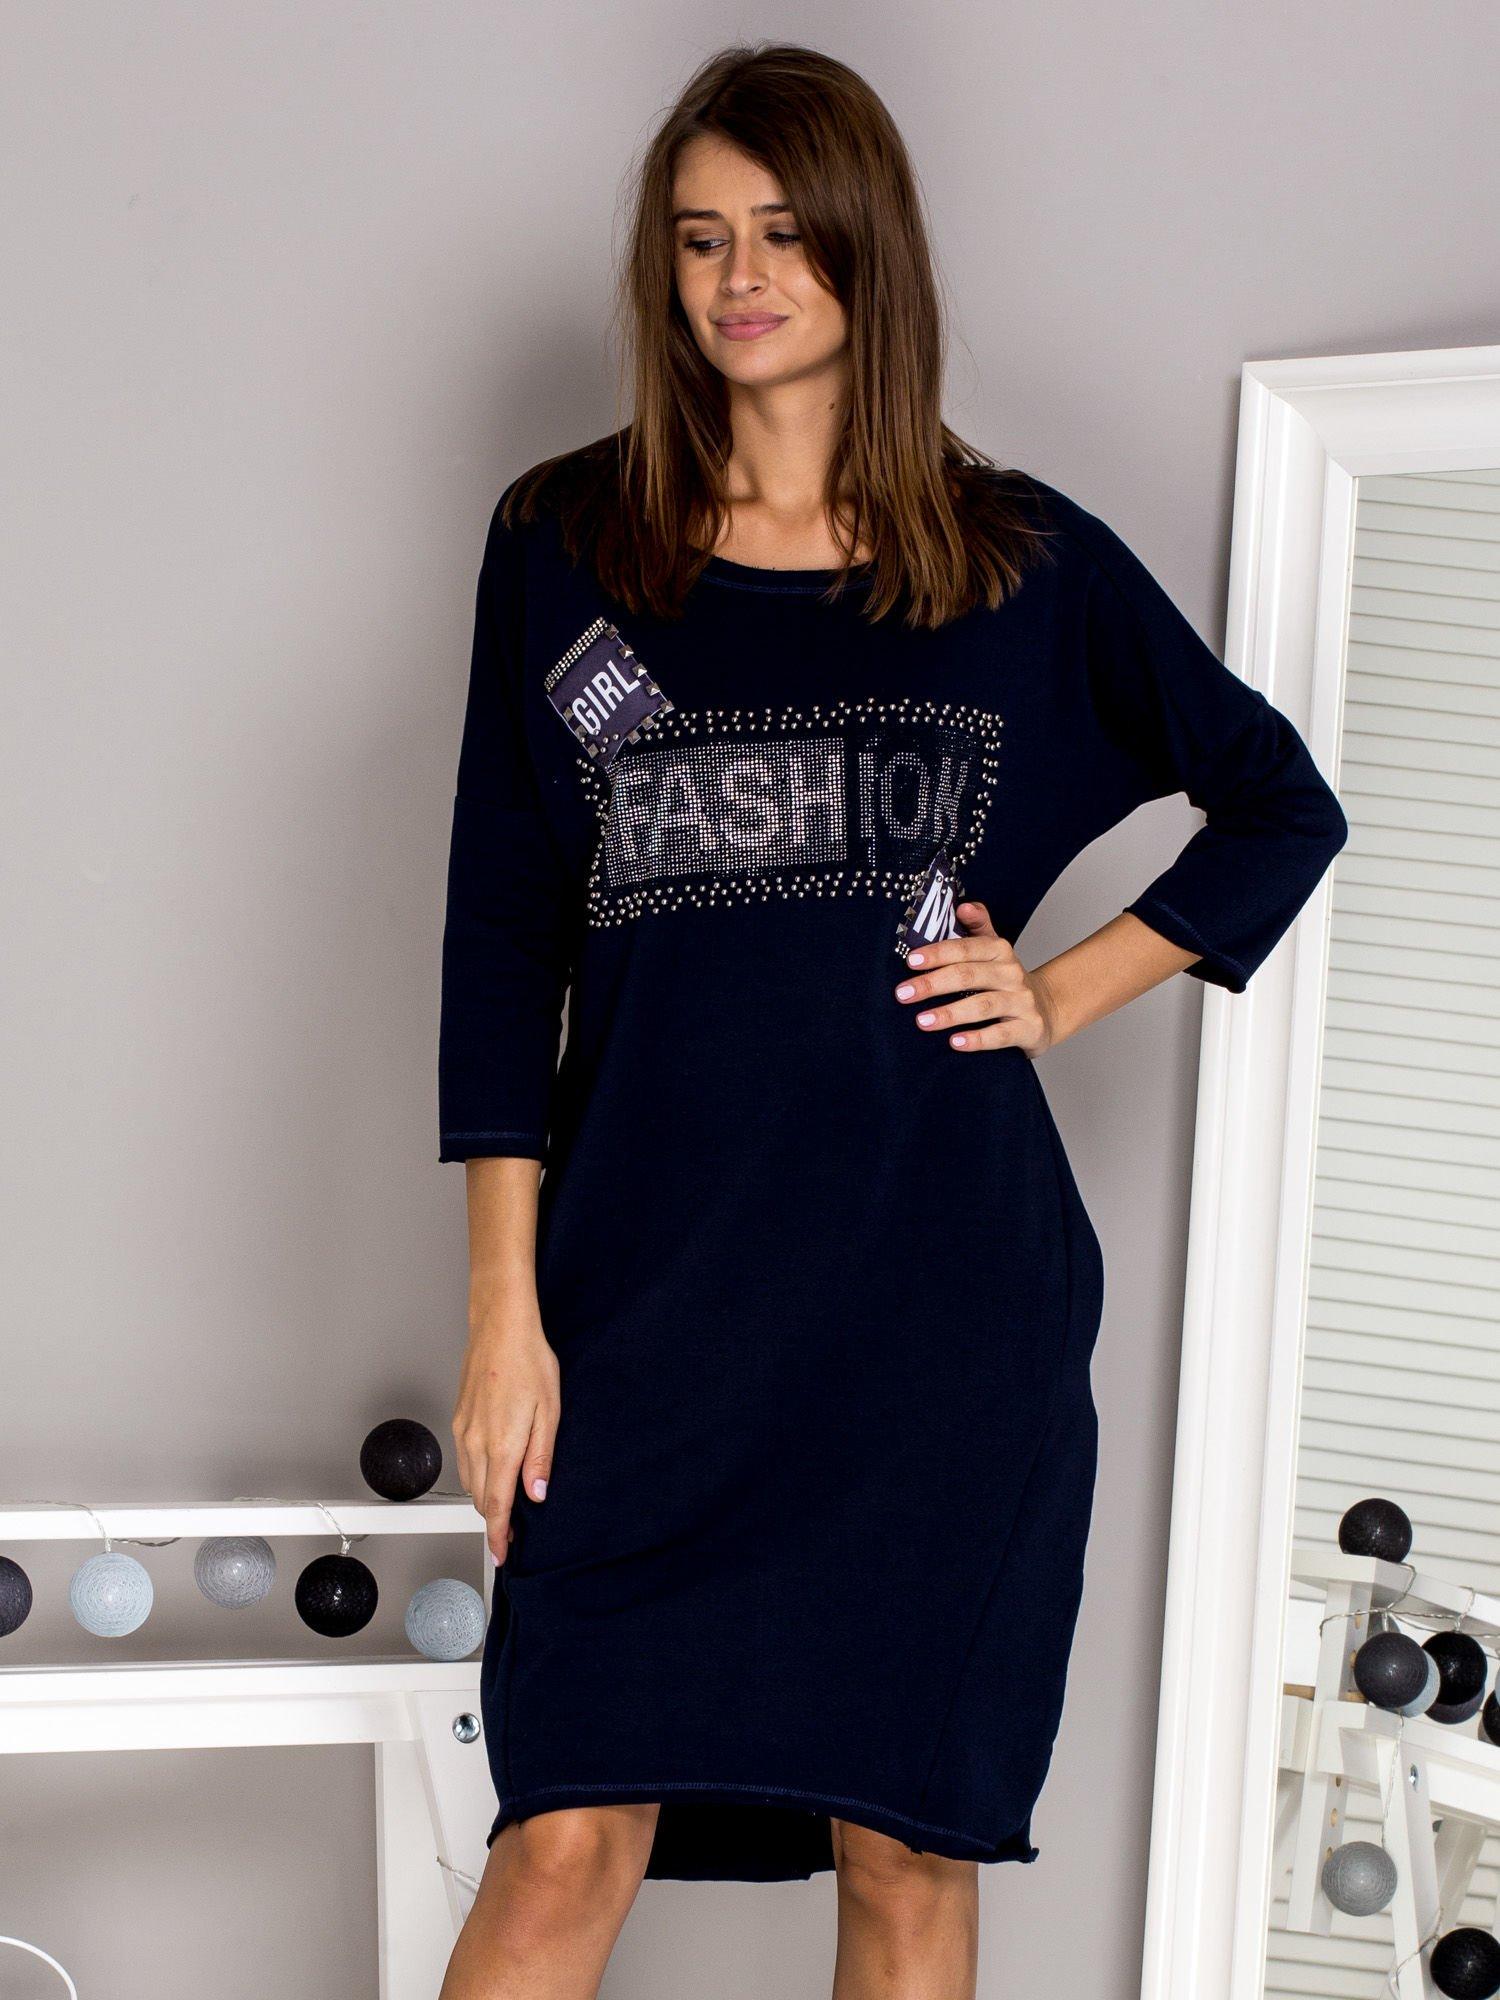 3fc0cad3a7 Granatowa sukienka dresowa z napisem FASHION - Sukienka na co dzień ...